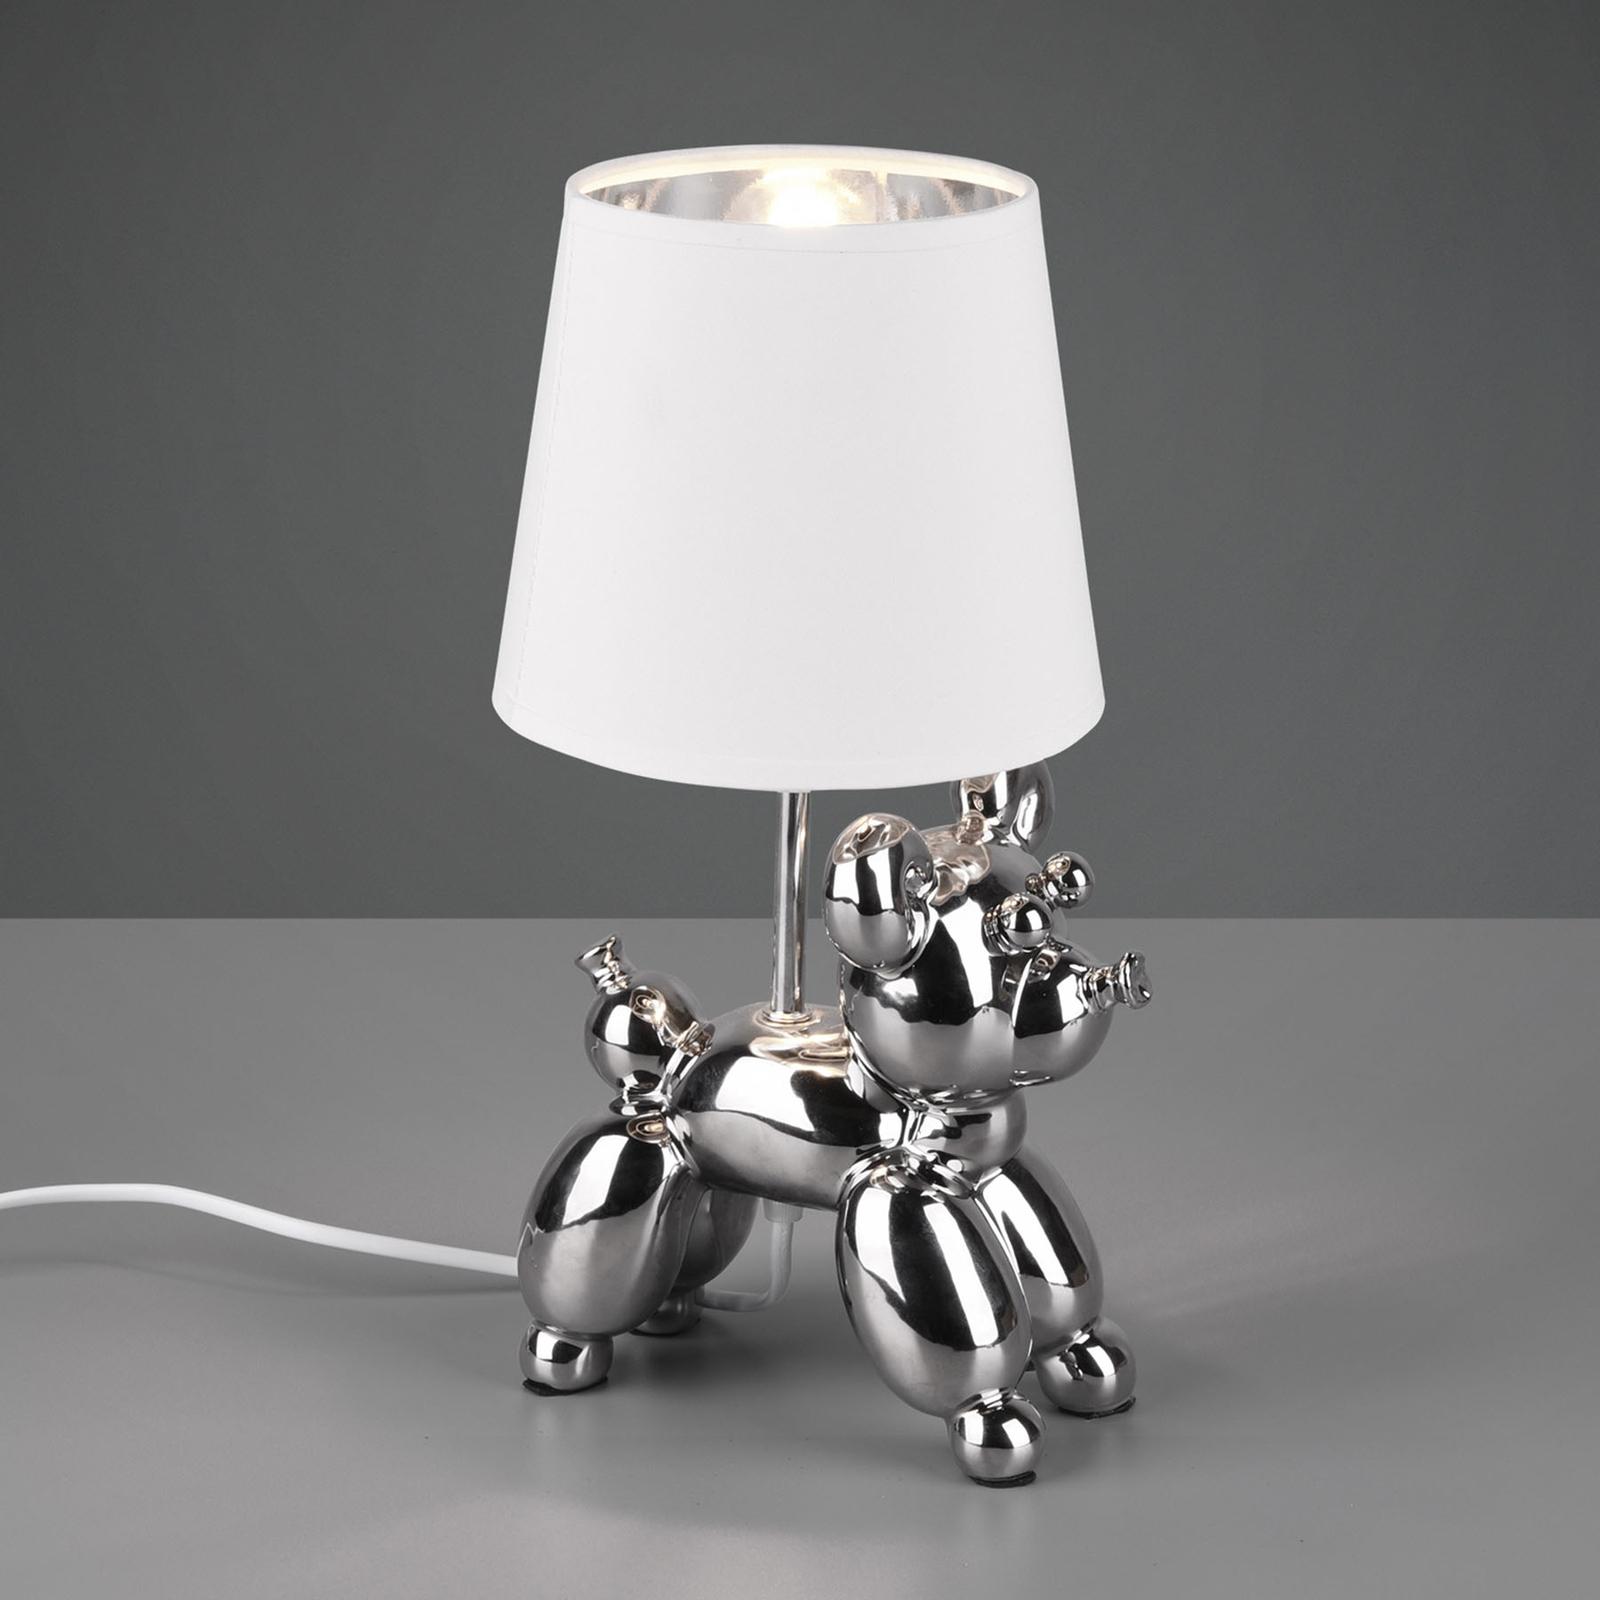 Pöytävalaisin Bello, koiran kuva, hopea/valkoinen